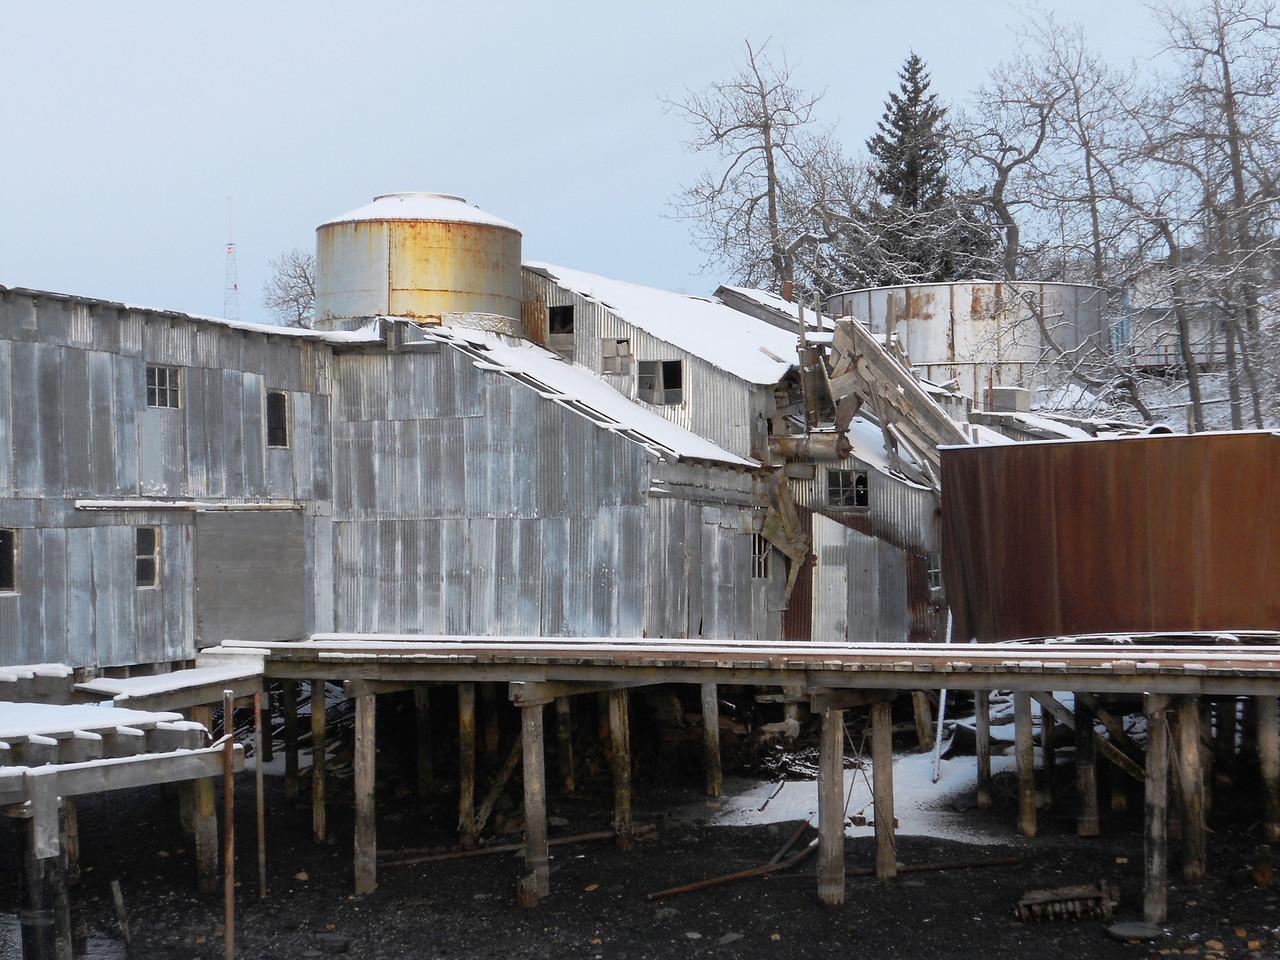 3-12-14  Mesa, Otters, More snow, Zachar Bay AK 025